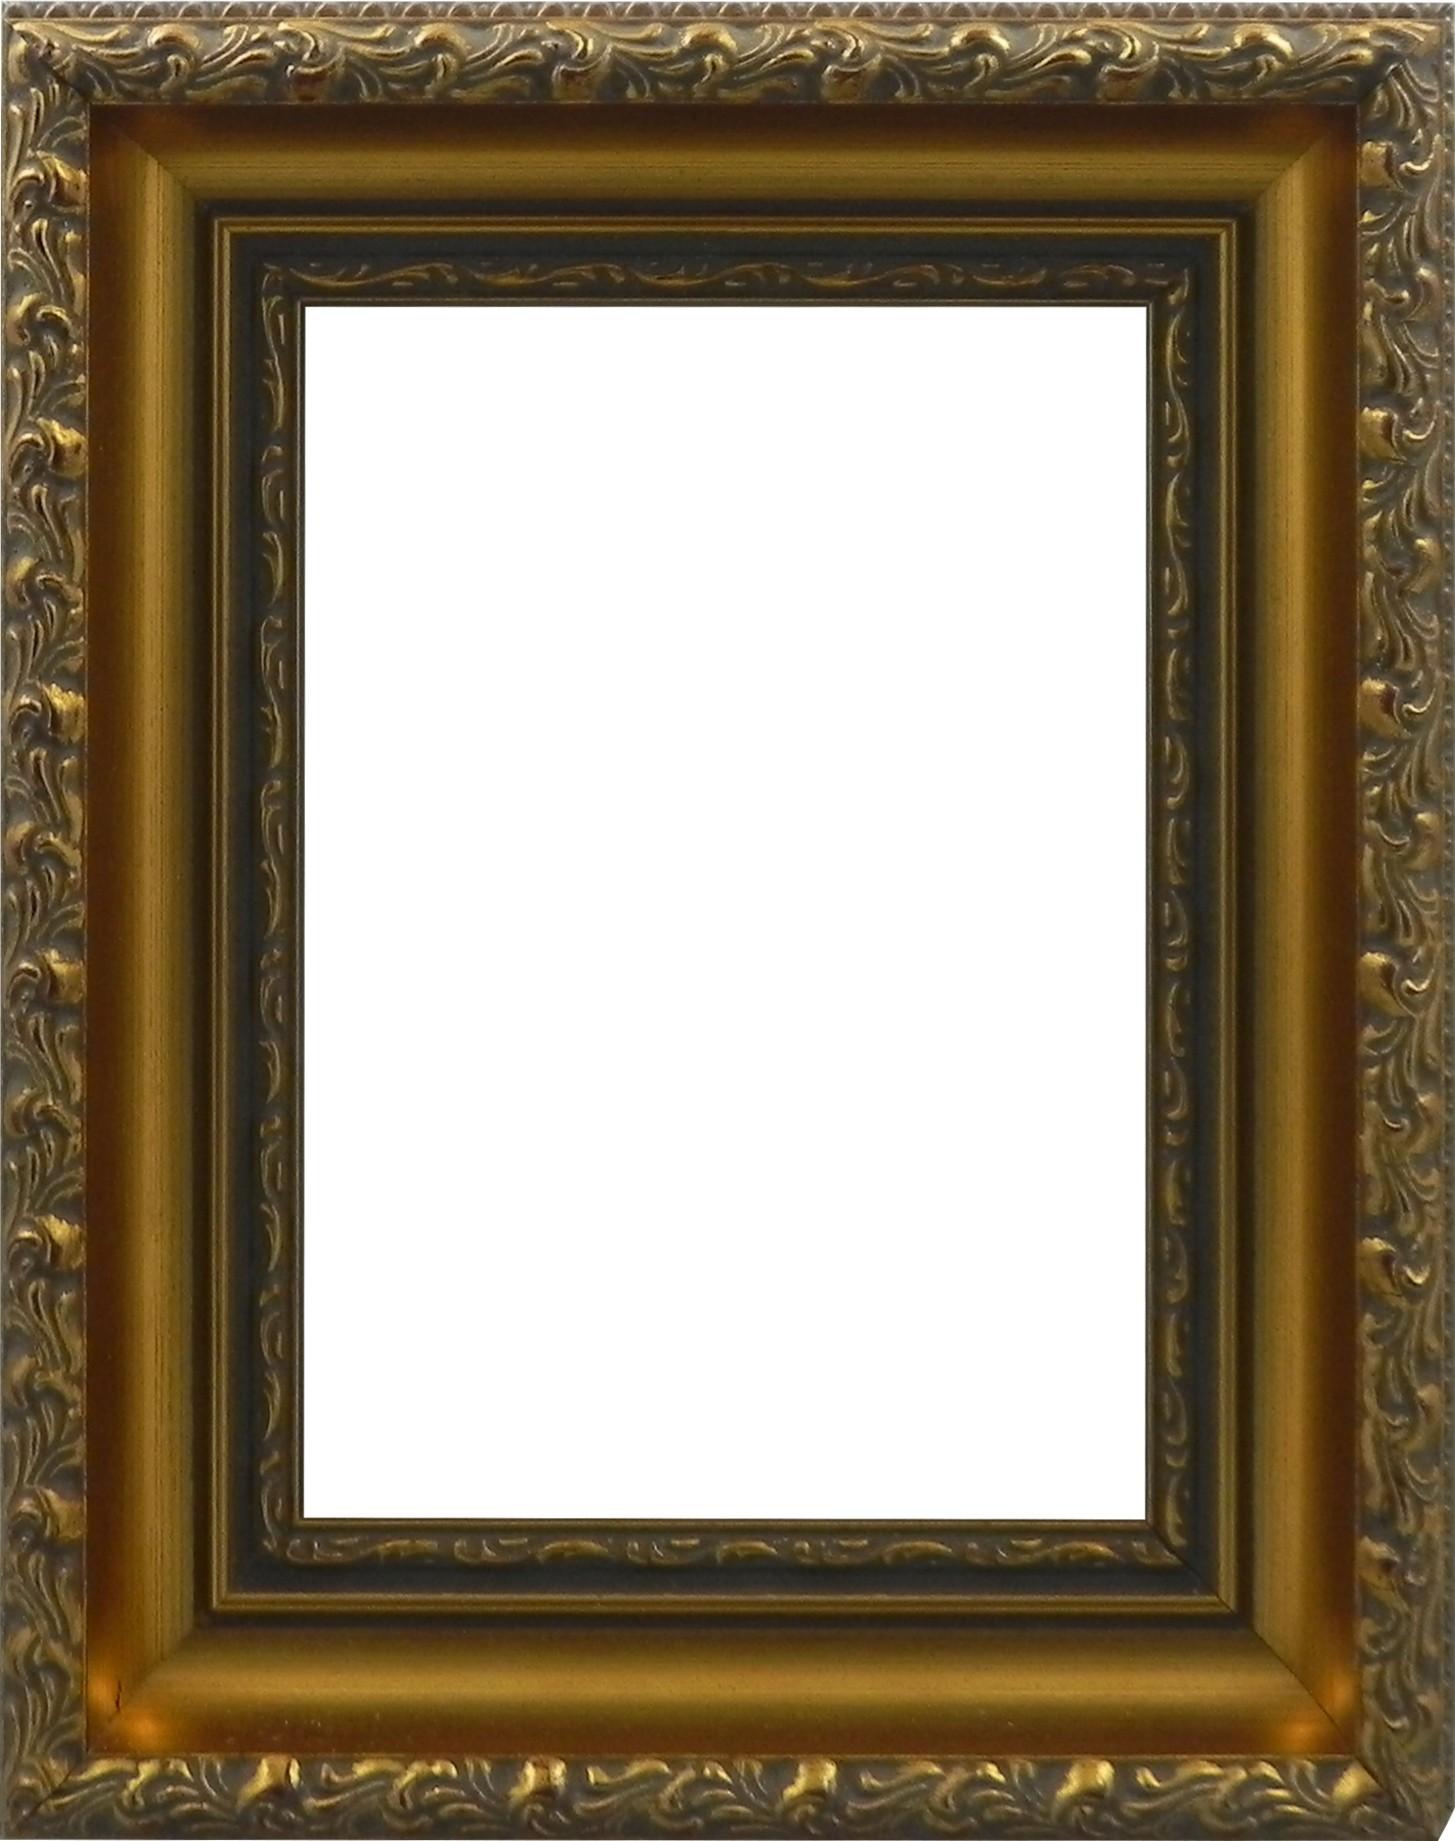 Picture Frame - Antiquity Gold Leaf Slimline - EFrame Ireland